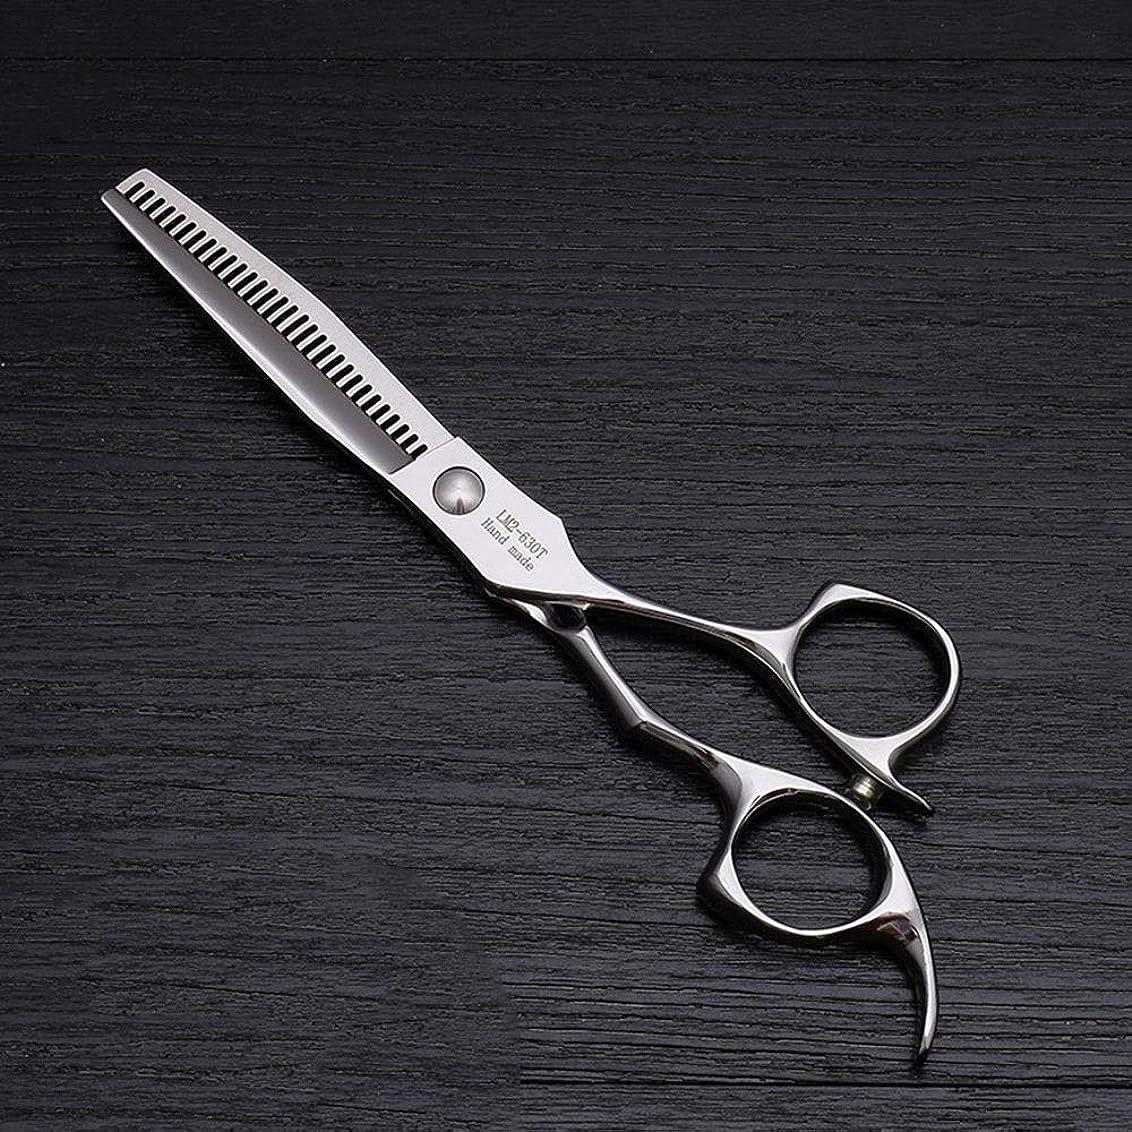 流手数料画面6インチのステンレス鋼の理髪はさみ、美容院の毛の切断用具 モデリングツール (色 : Silver)